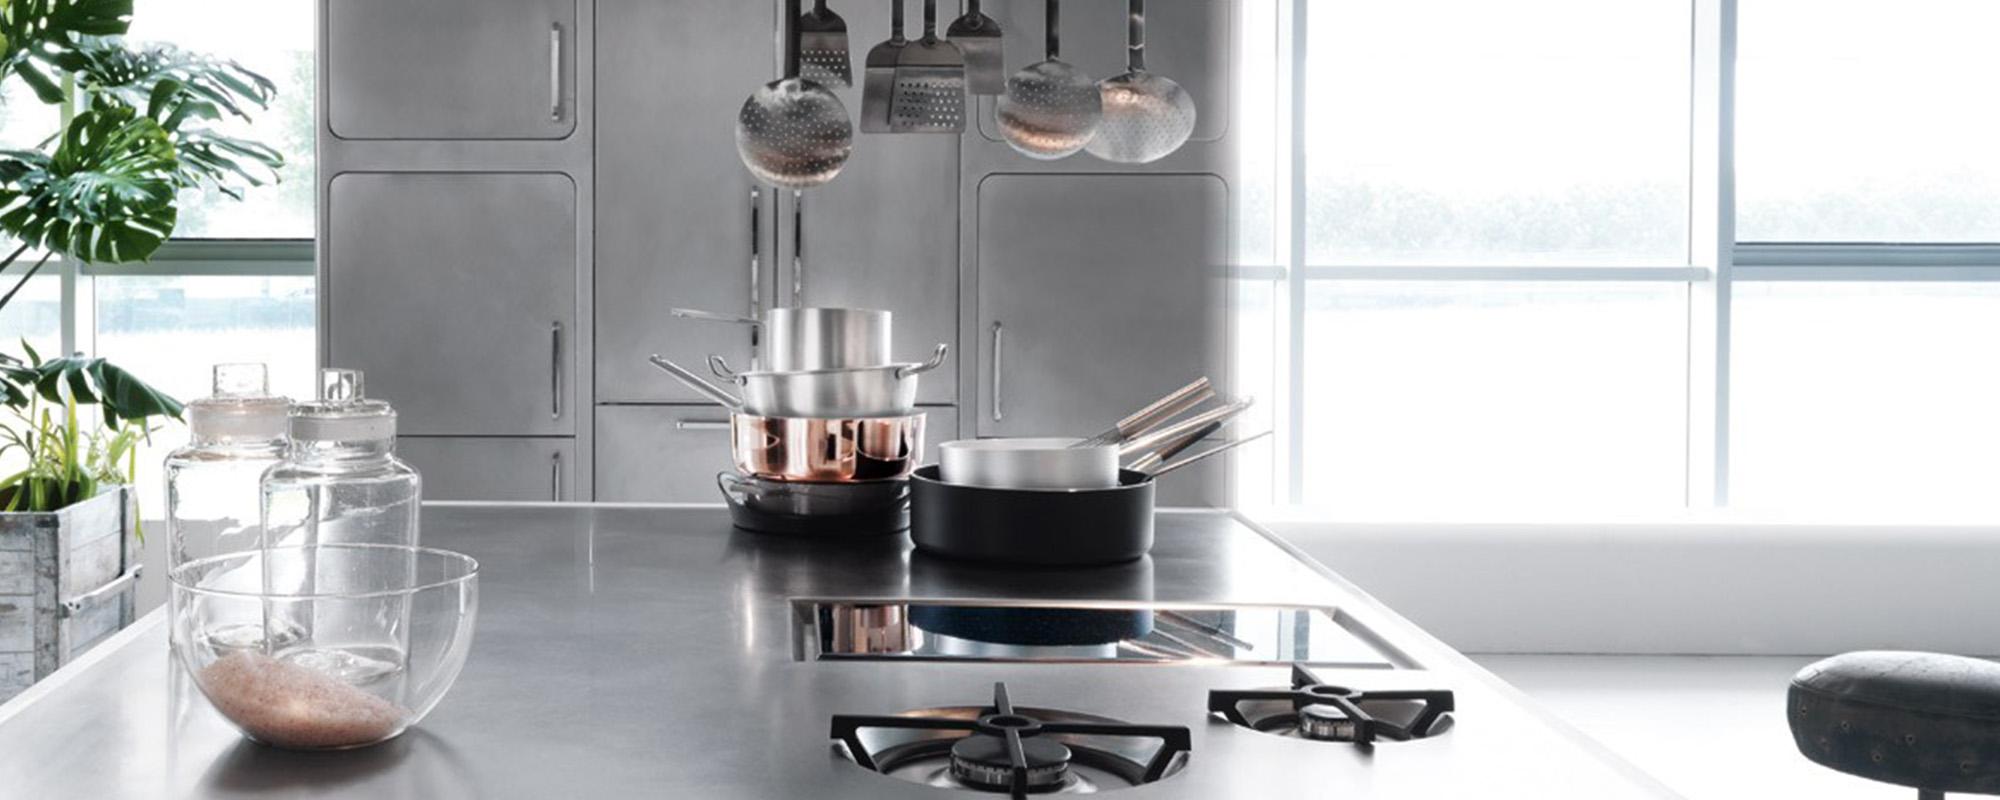 Cucine Ristoranti Usate Prezzi.Come Avere Una Cucina Professionale A Casa Cucinepadova Com